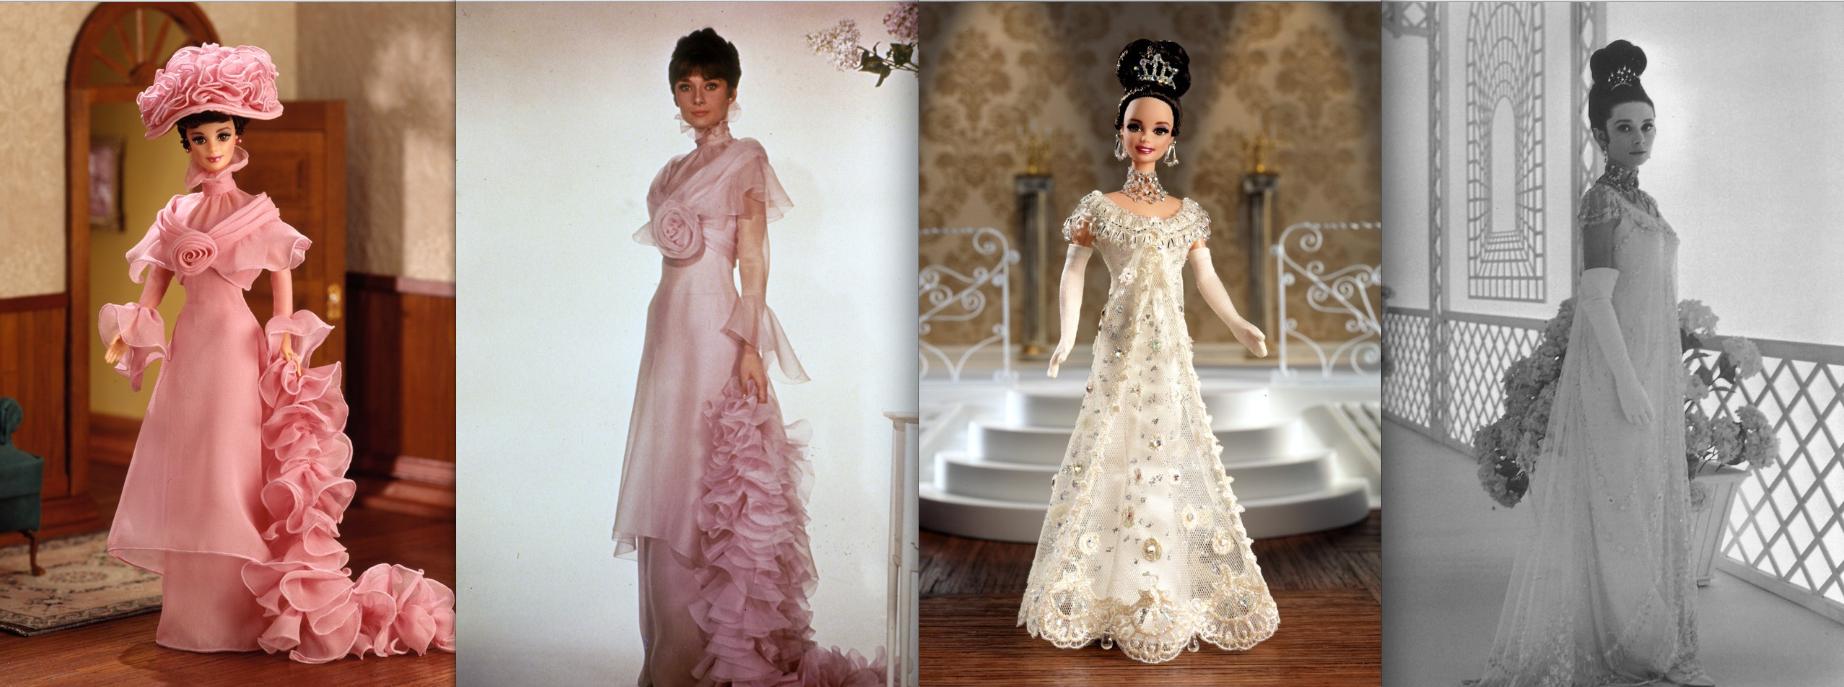 Audrey Hepburn | Dutch Fashion Doll World